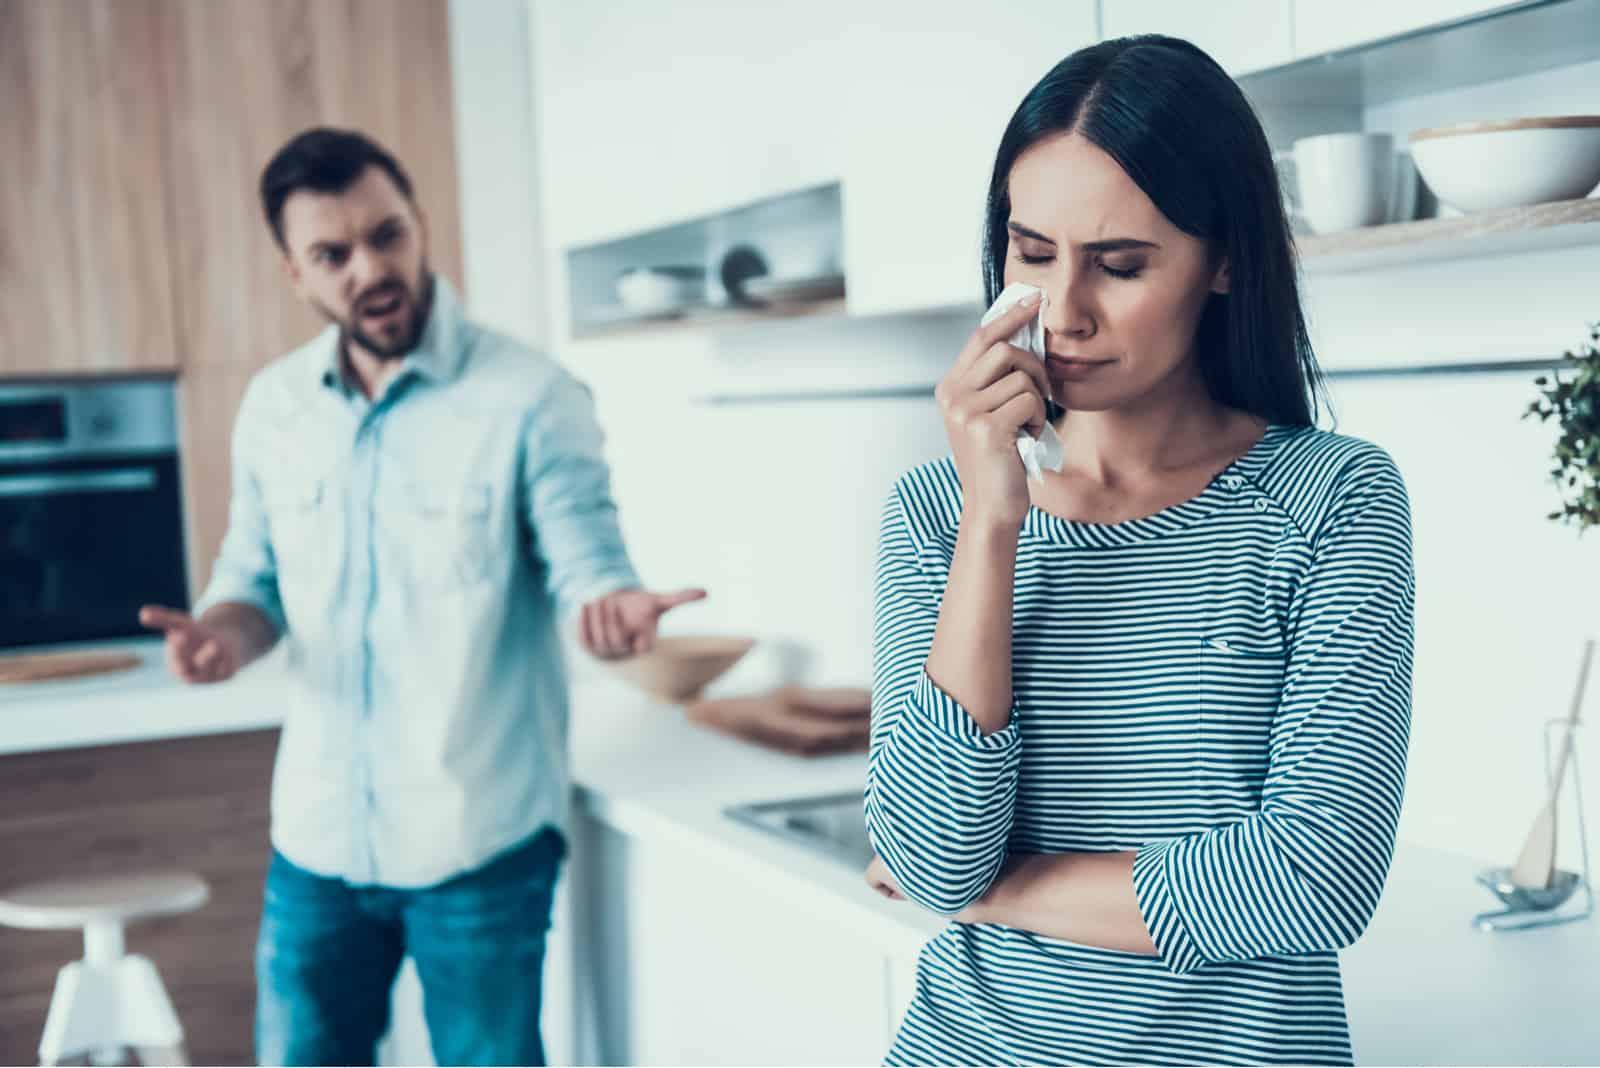 Ein Mann in der Küche schreit seine traurige Frau an